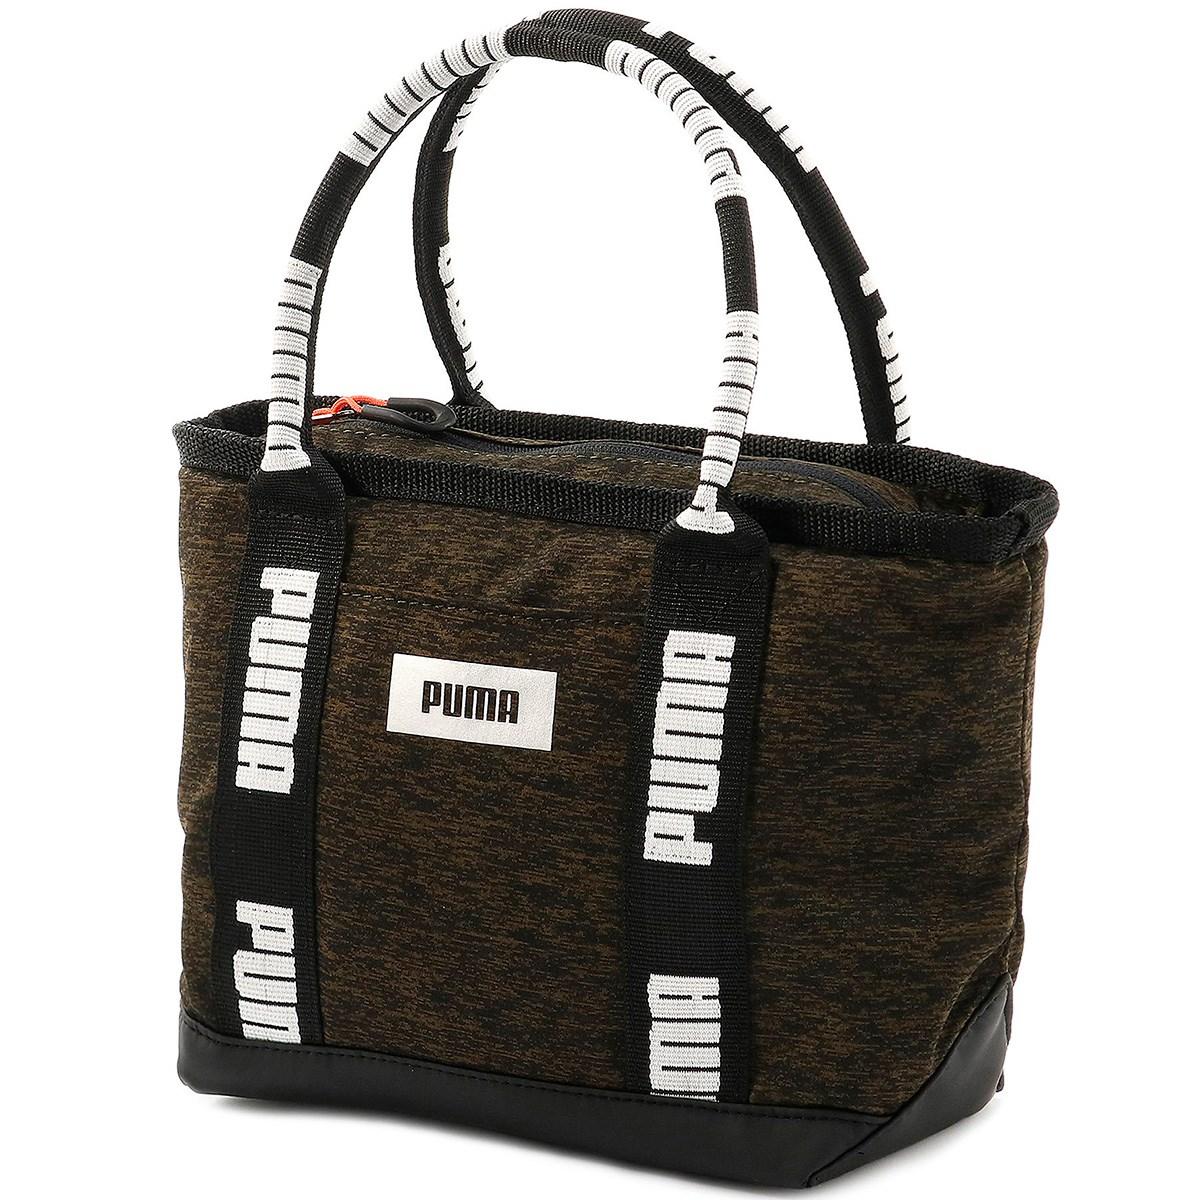 プーマ(PUMA) レベル ラウンドバッグ